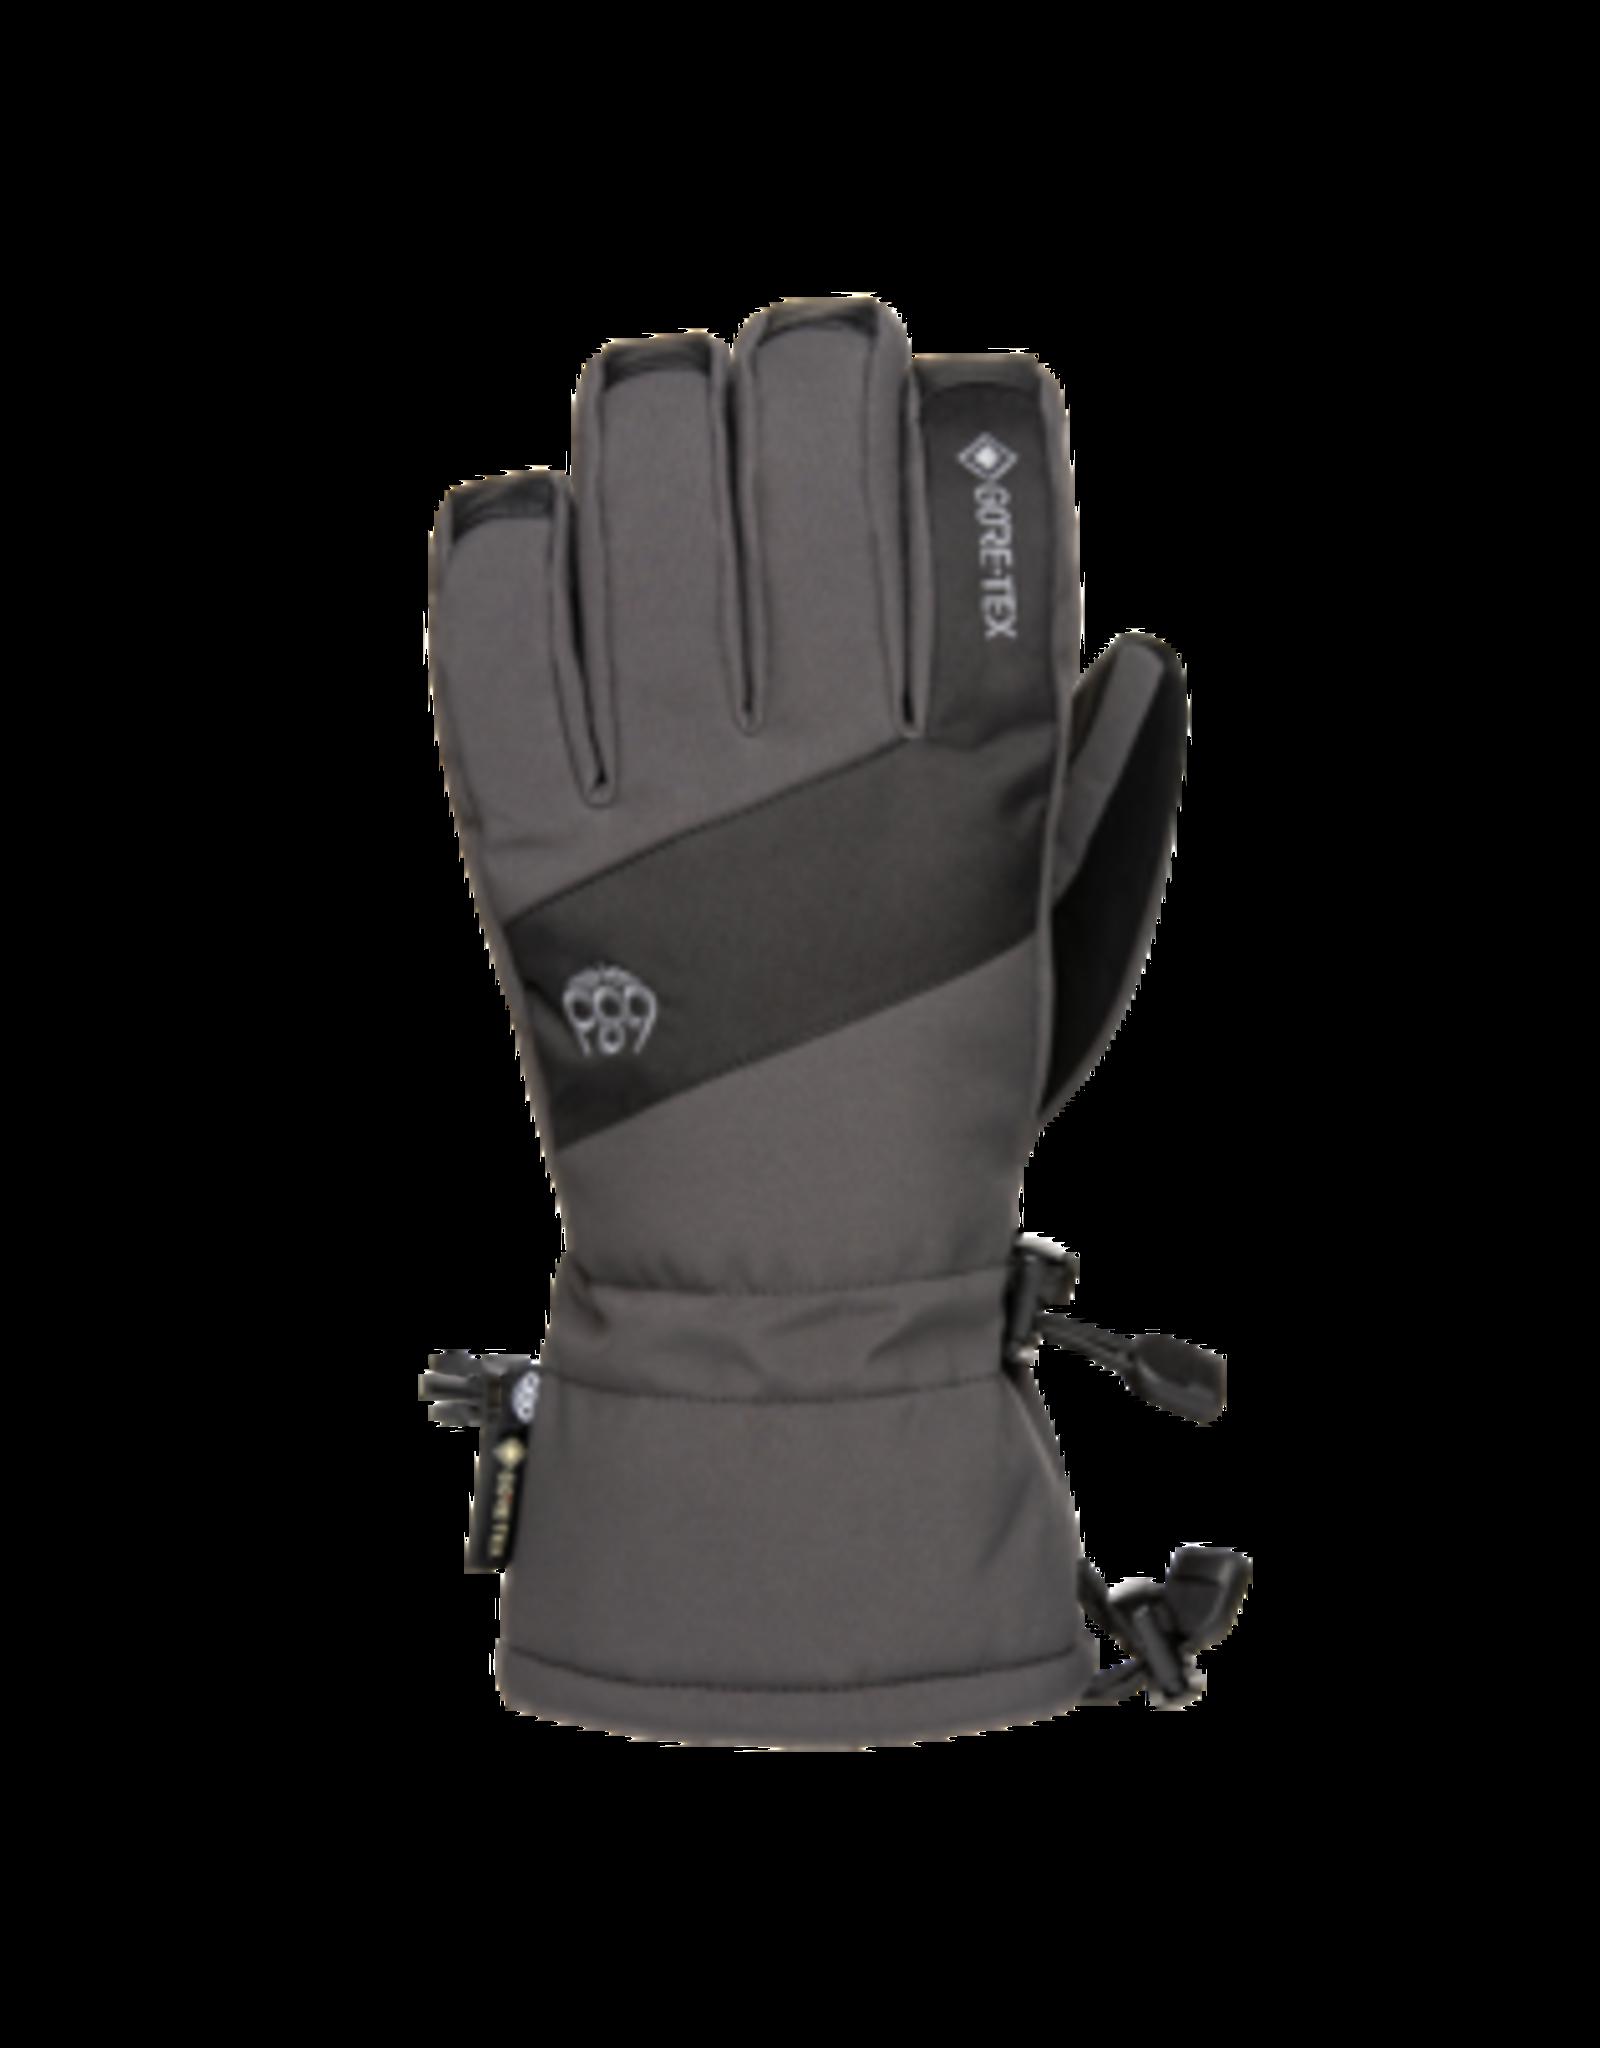 686 Mns Gore-tex Linear Glove